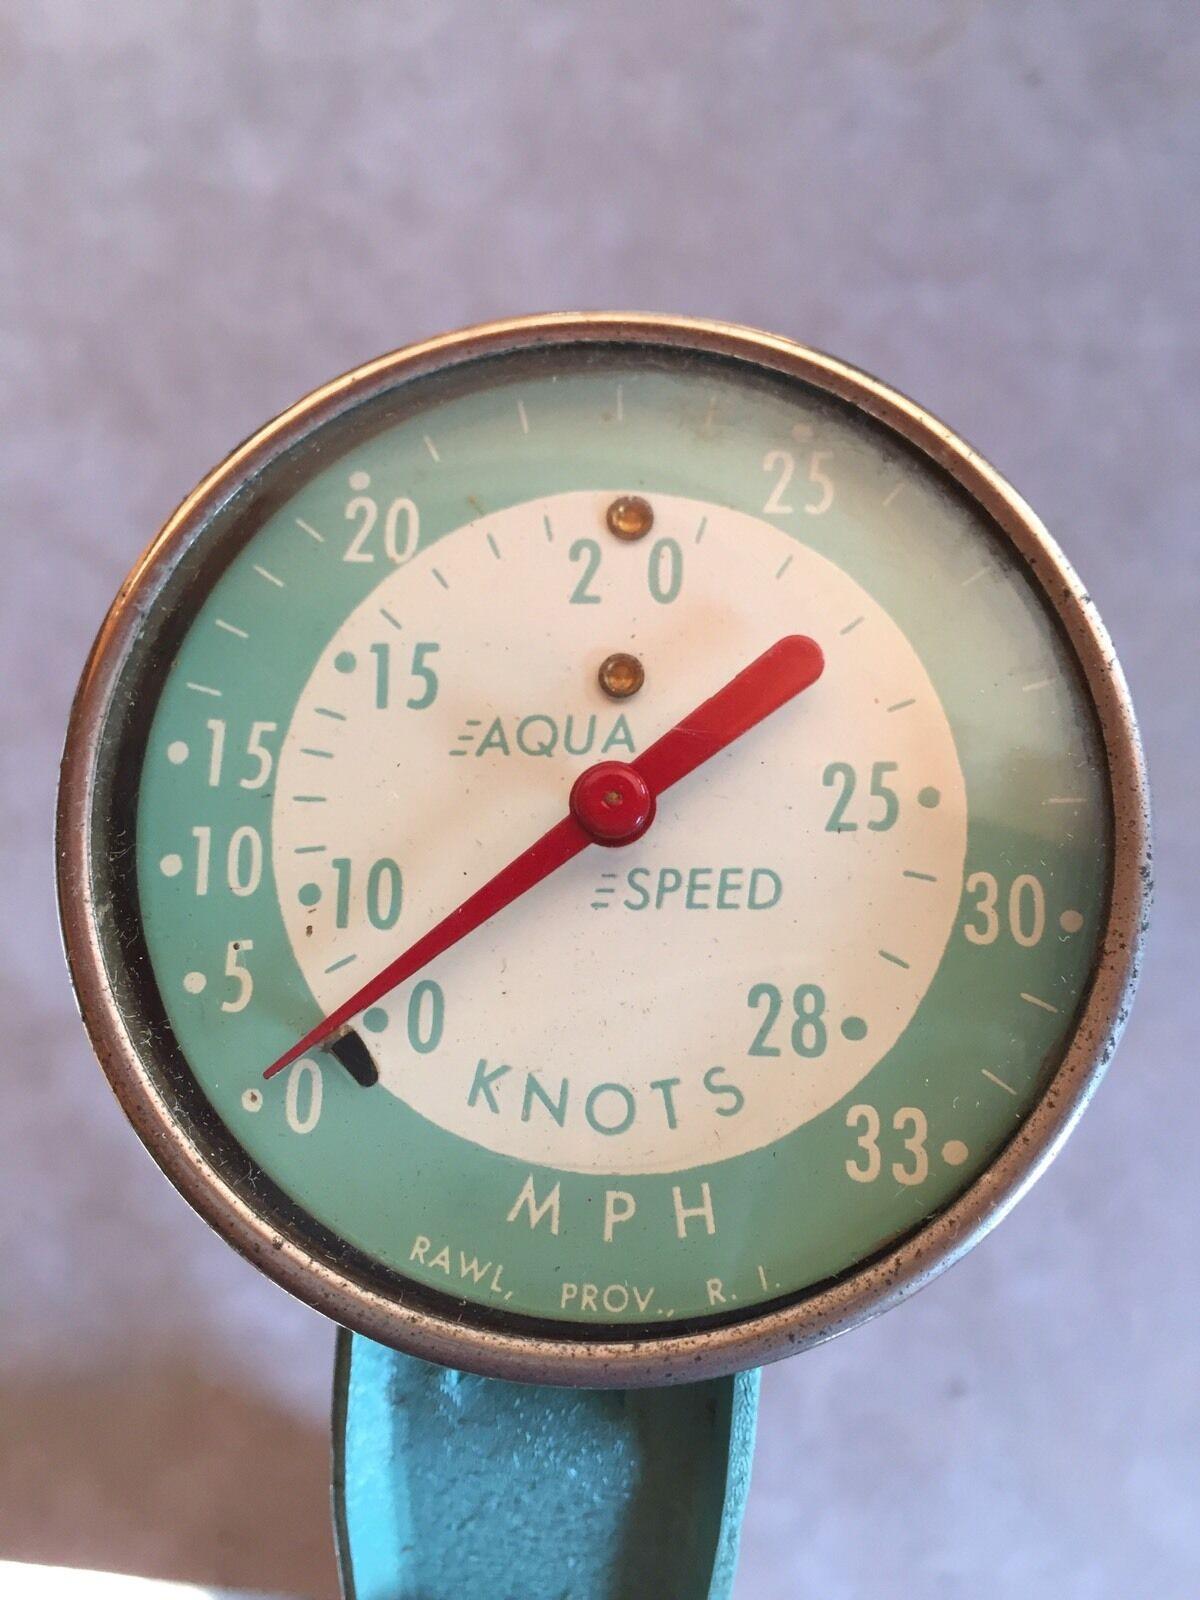 Vintage Alt Aqua Stiefel Aqua Alt Speed 33 mph Outboard Tachometer  Transom  Nos in Box b3eab9